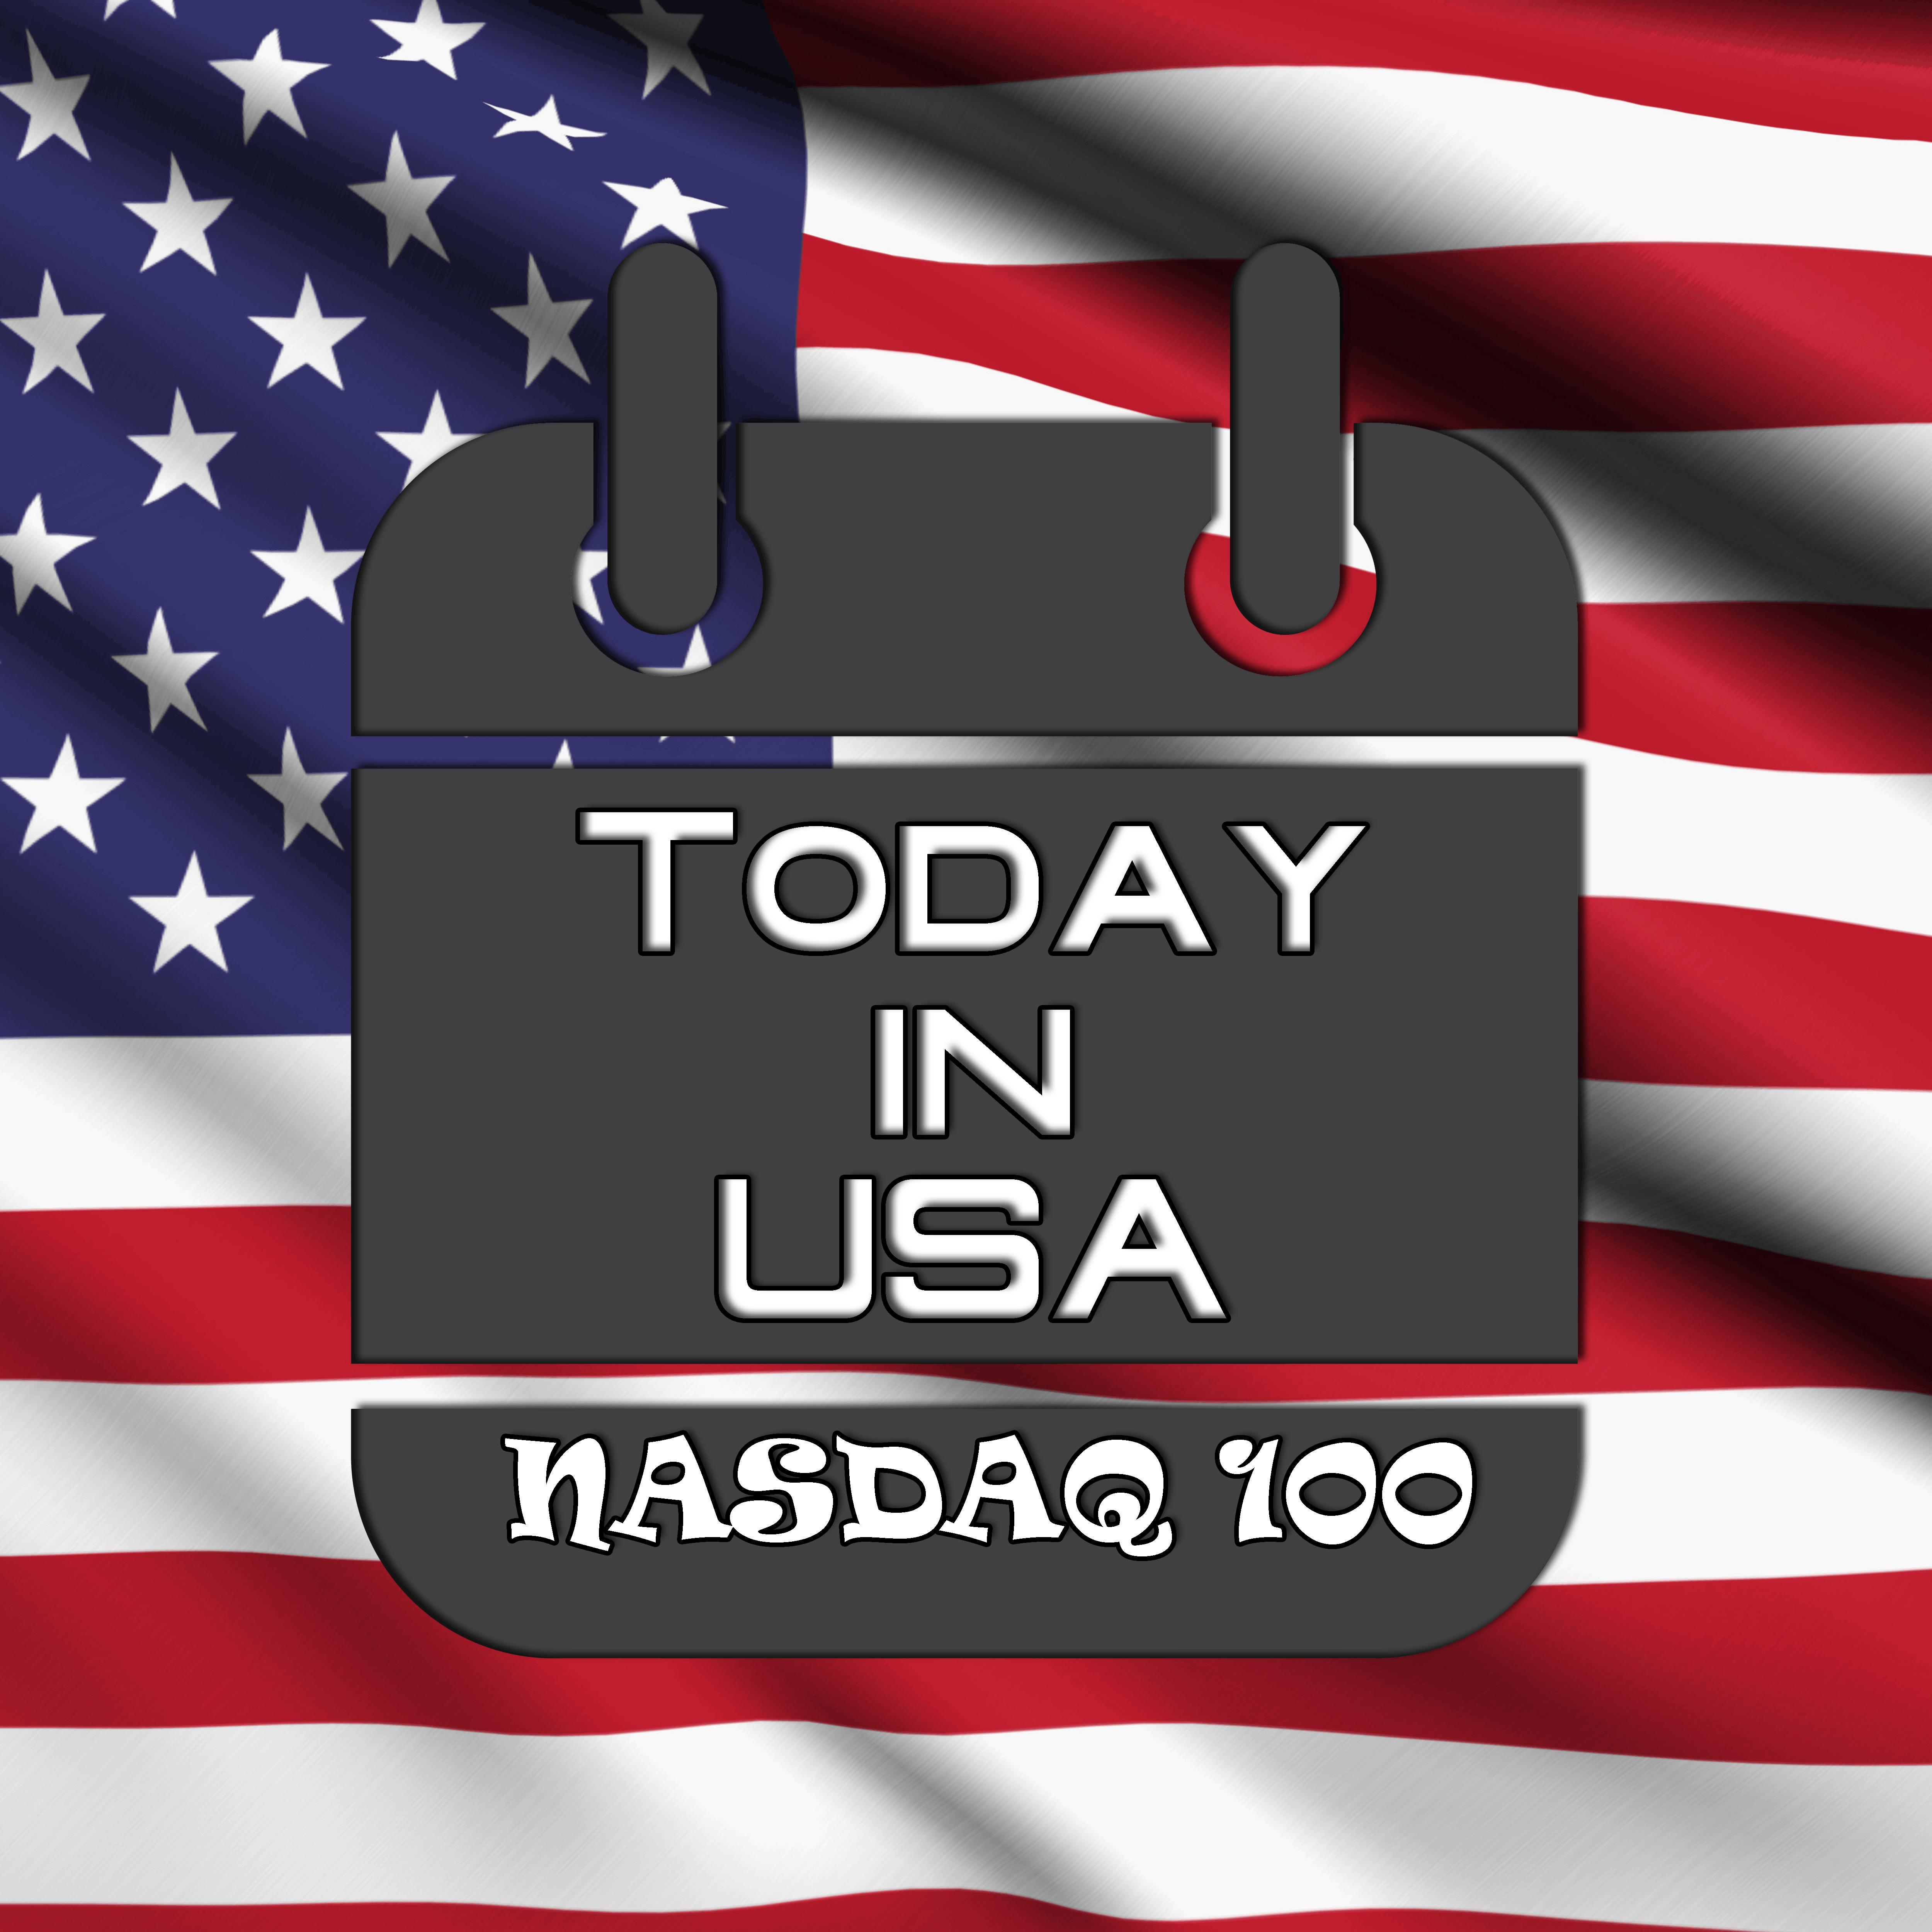 Today in USA -NASDAQ 100 (odcinek specjalny)